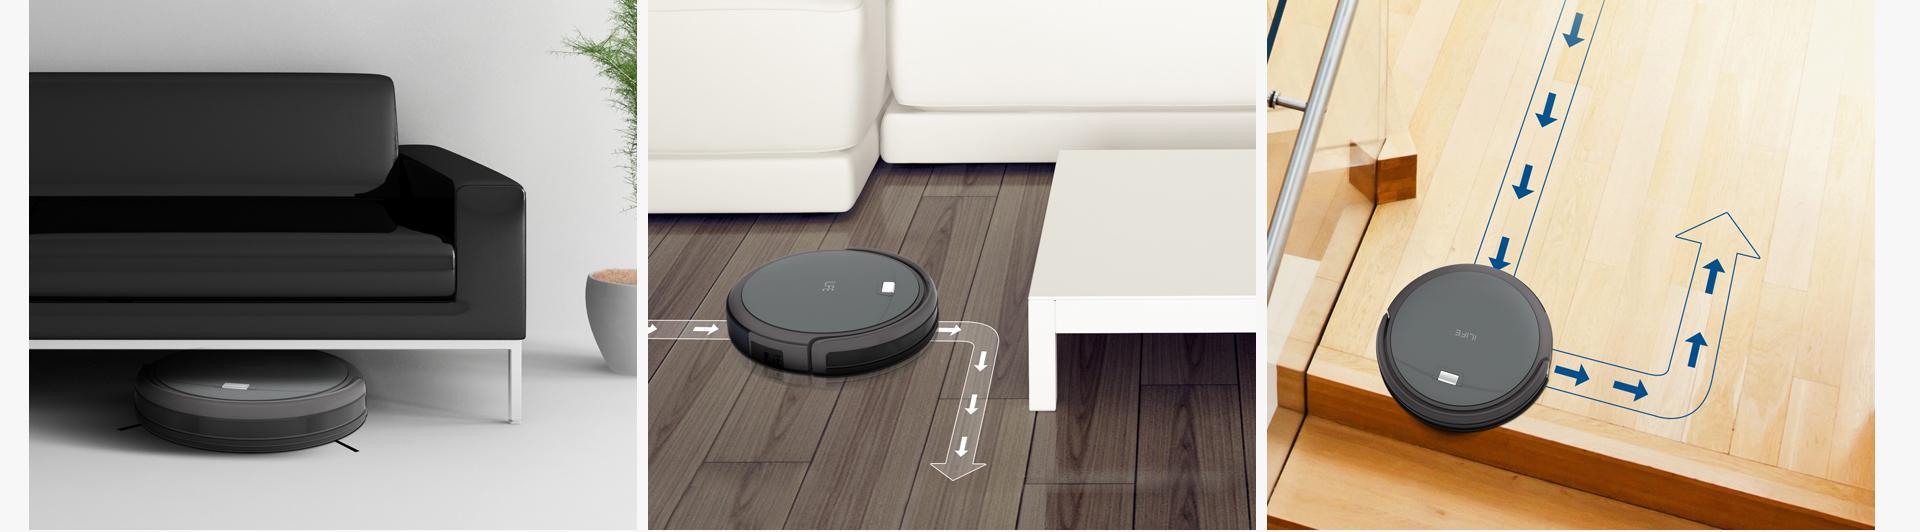 Robot ILIFE A4s zestaw czujników